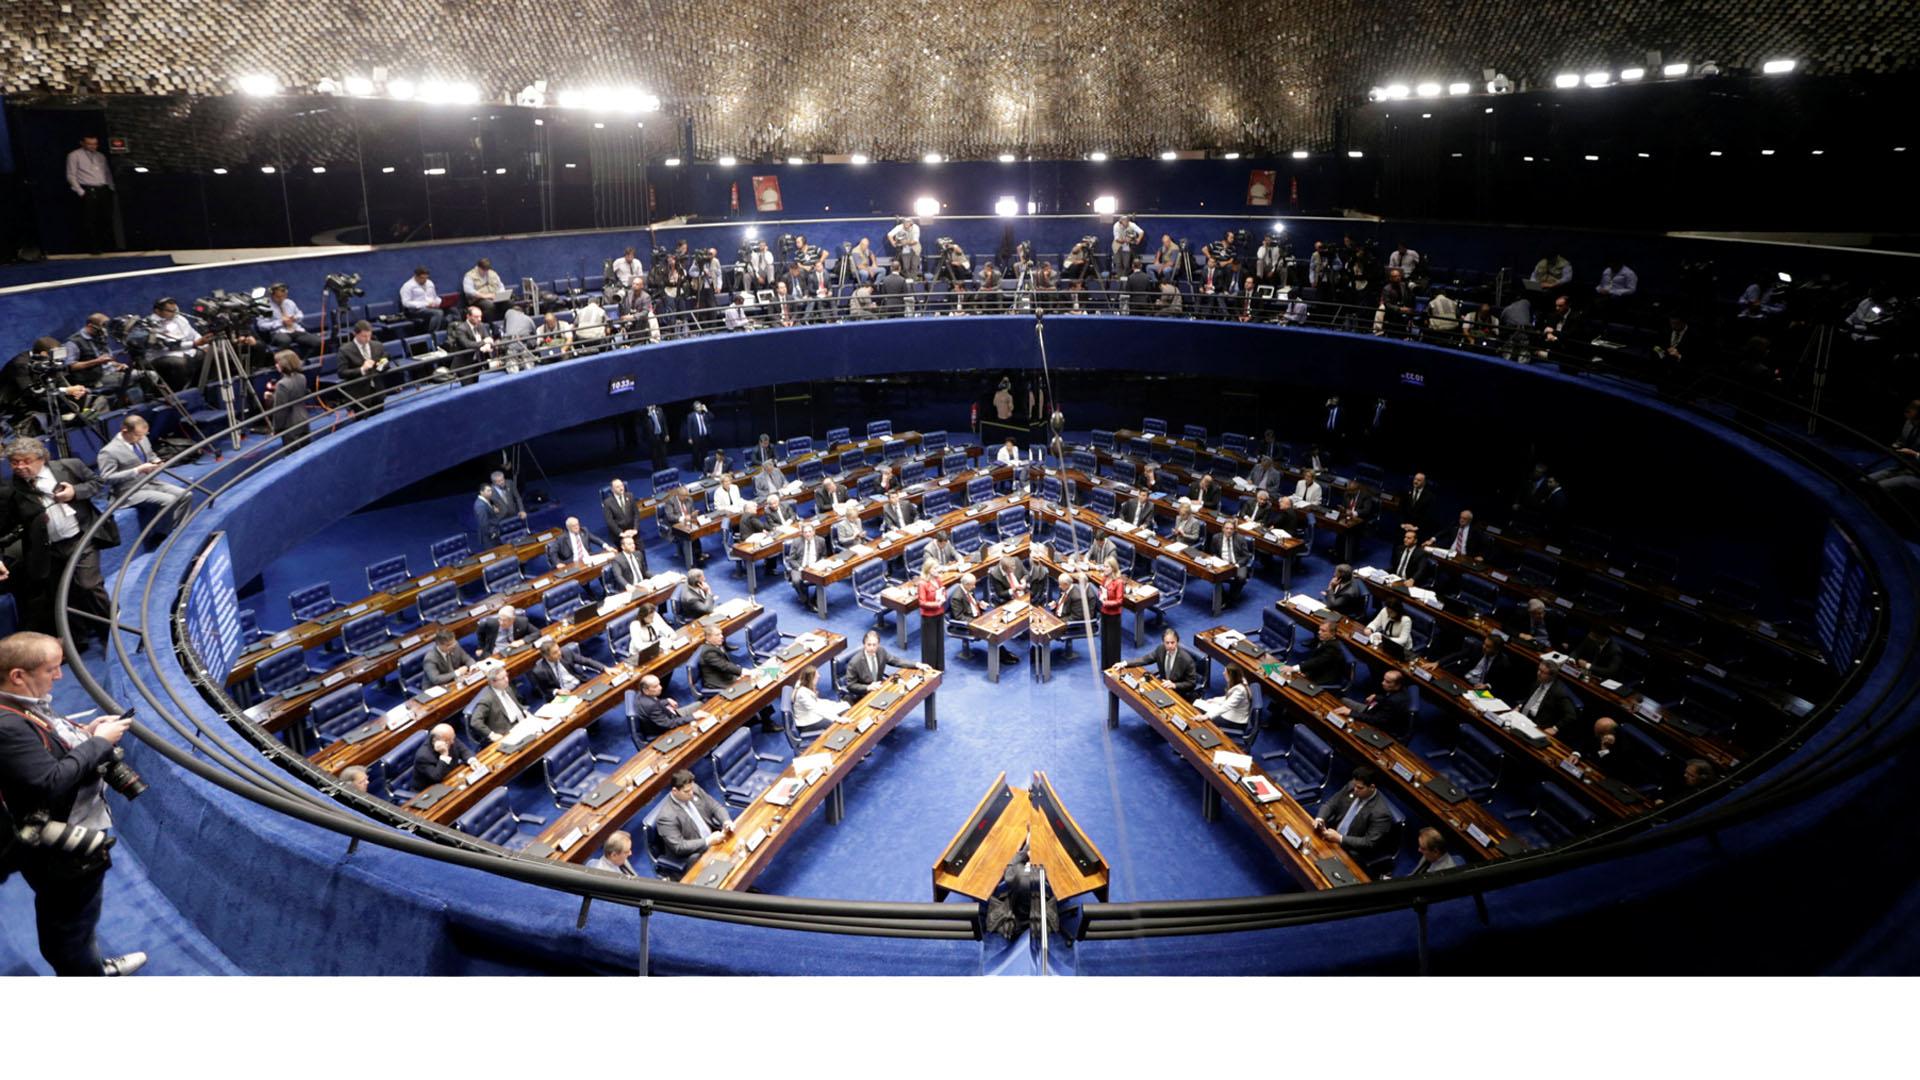 Inicia discusión sobre futuro de Rousseff